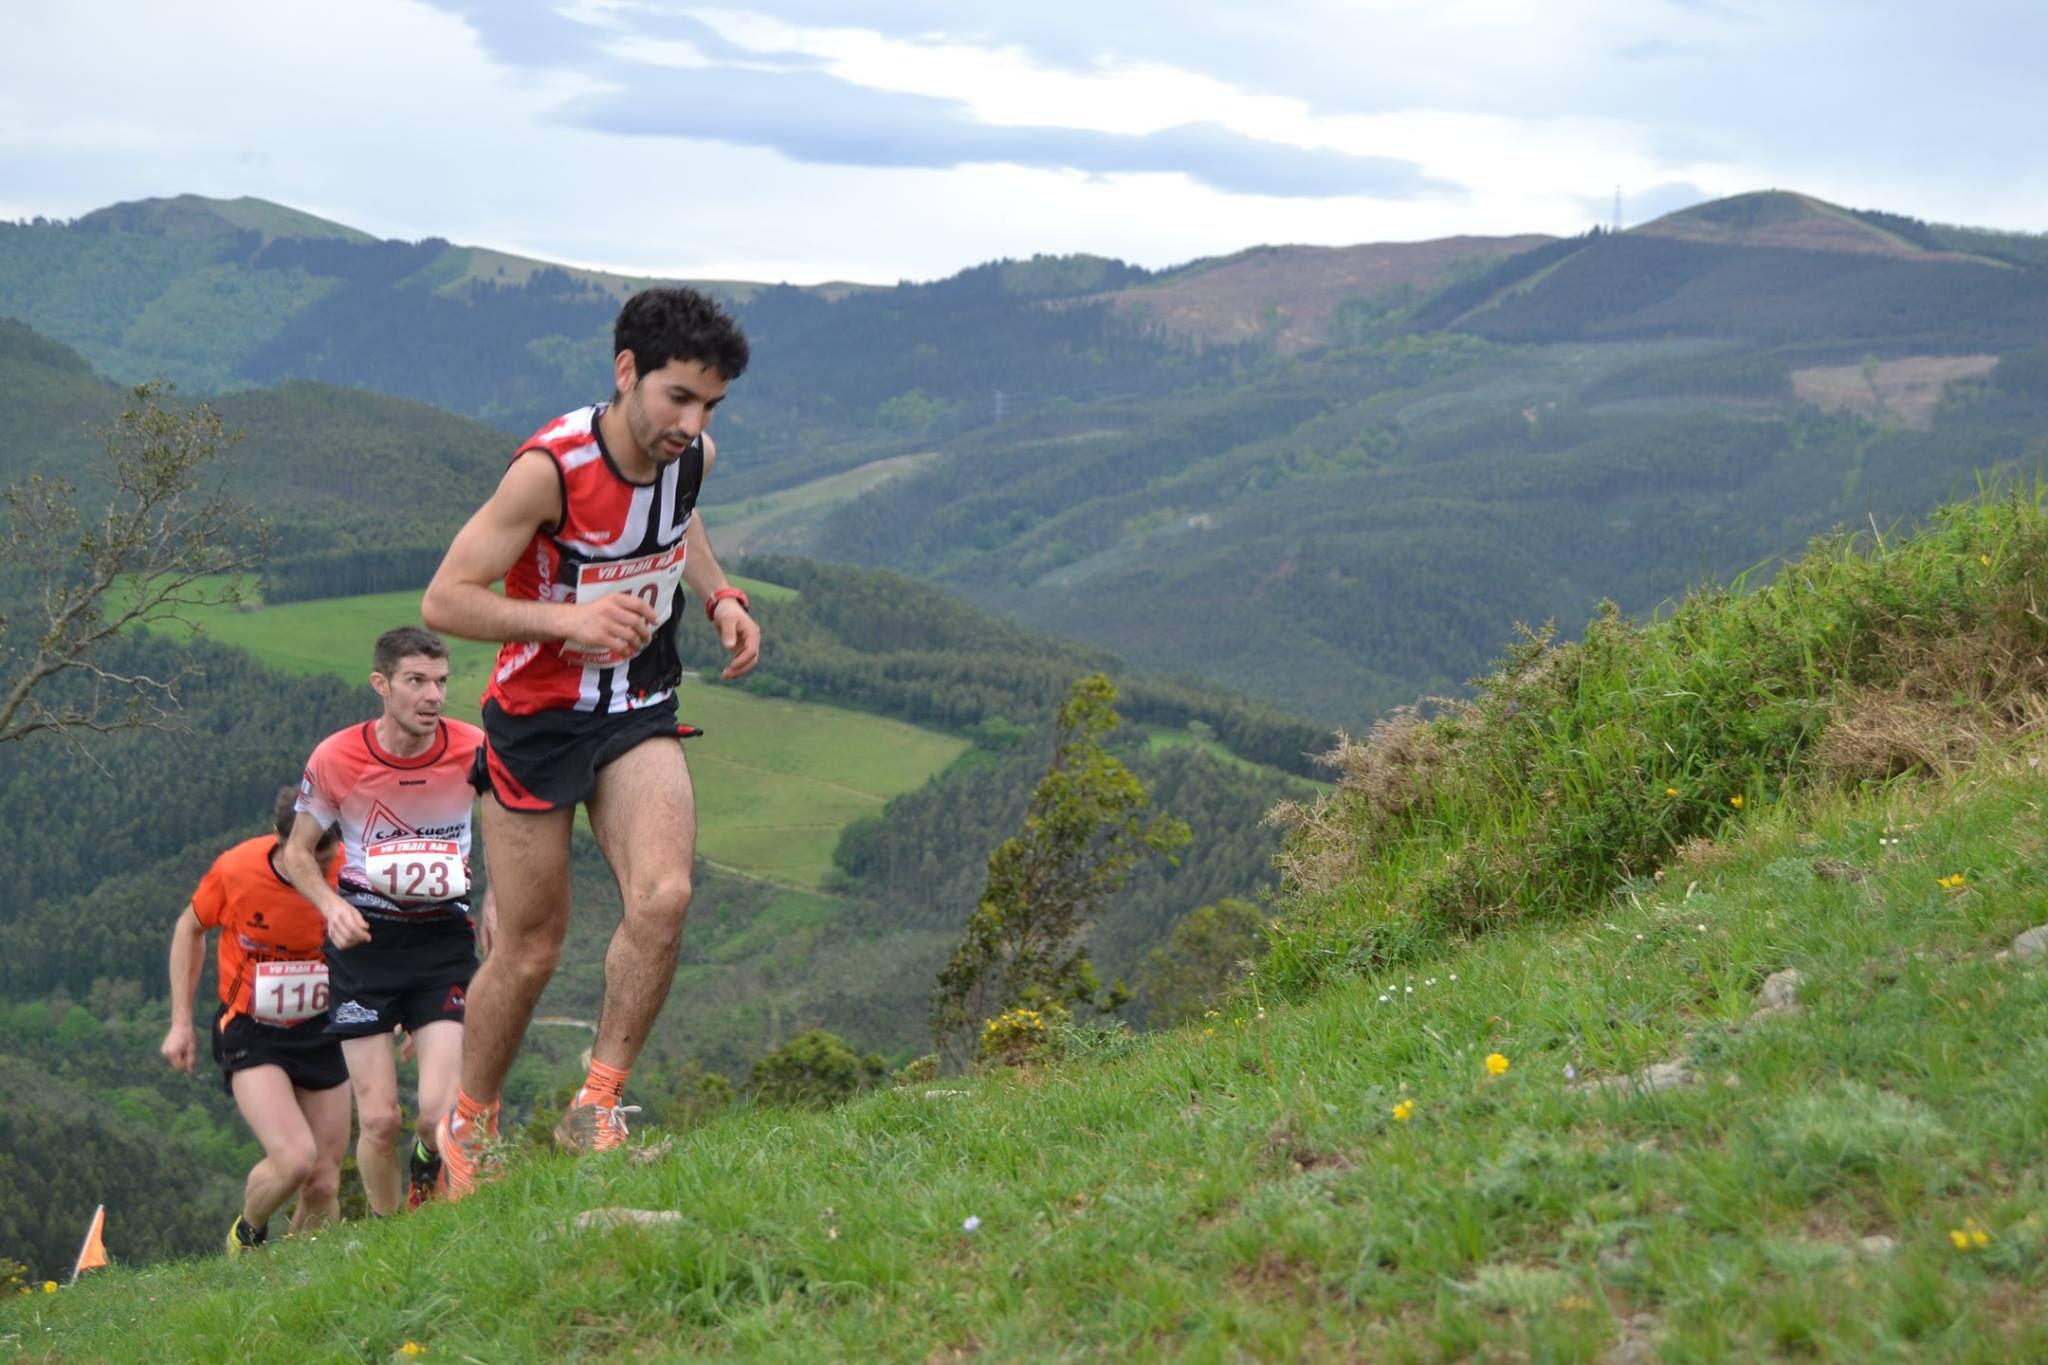 La Trail RAE de Otañes marca el ecuador de la Copa de España de Carreras en línea FEDME - Gran Premio BUFF® Salomon